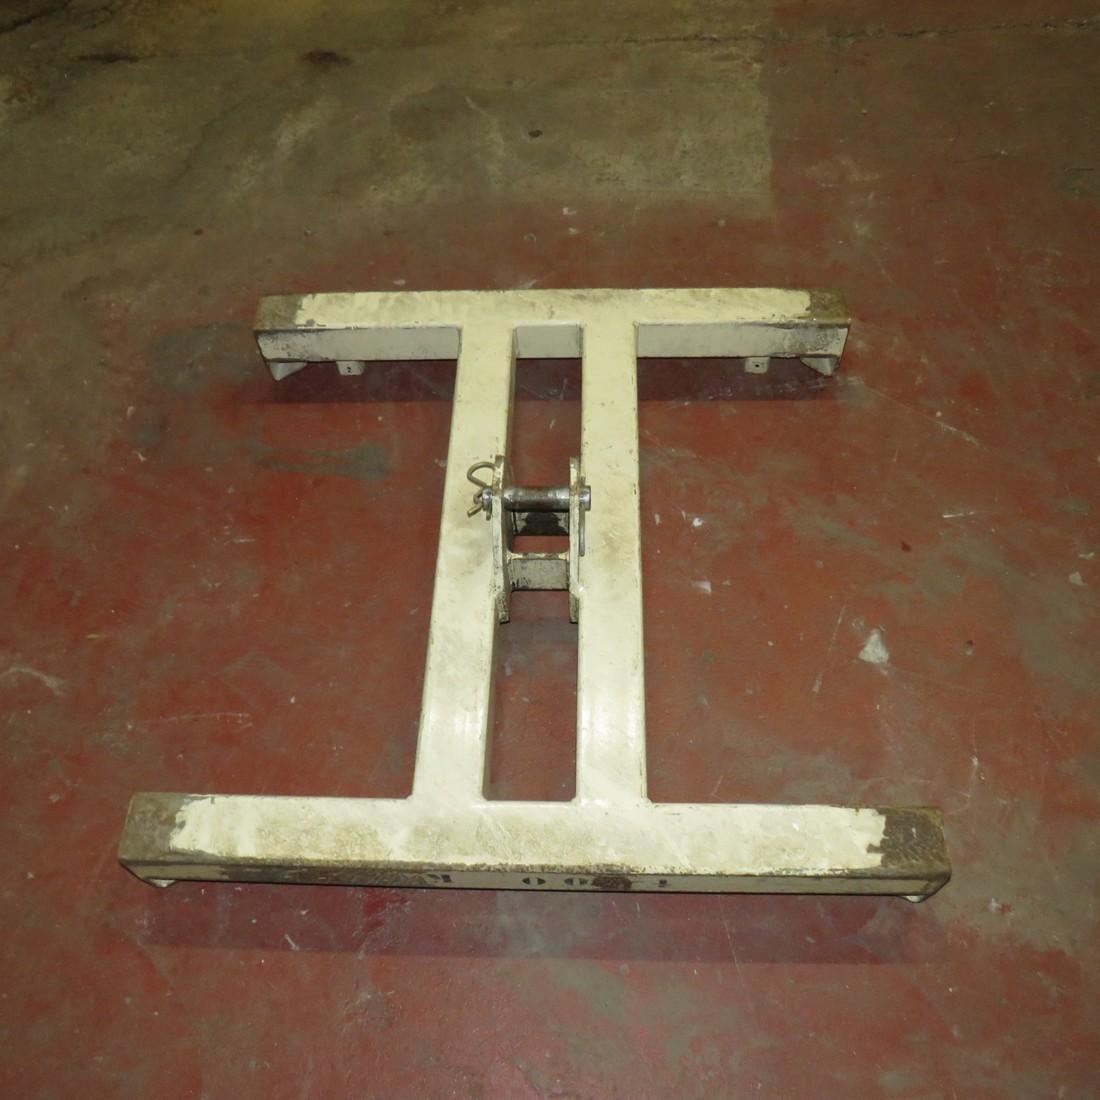 R15A985 lifting bar